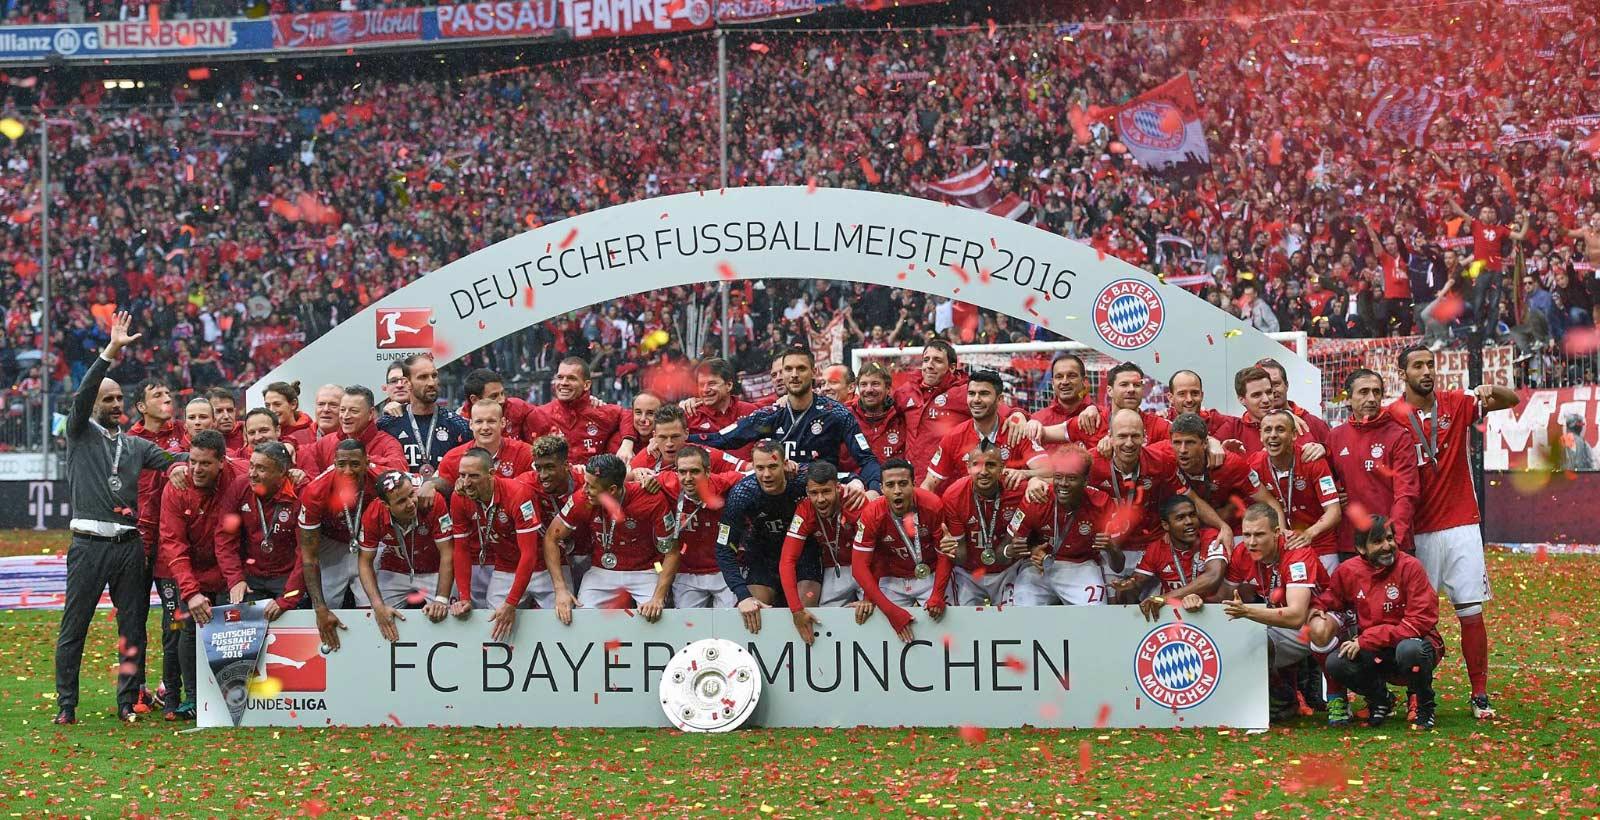 on-pitch-bayern-munich-16-17-home-kit (1)